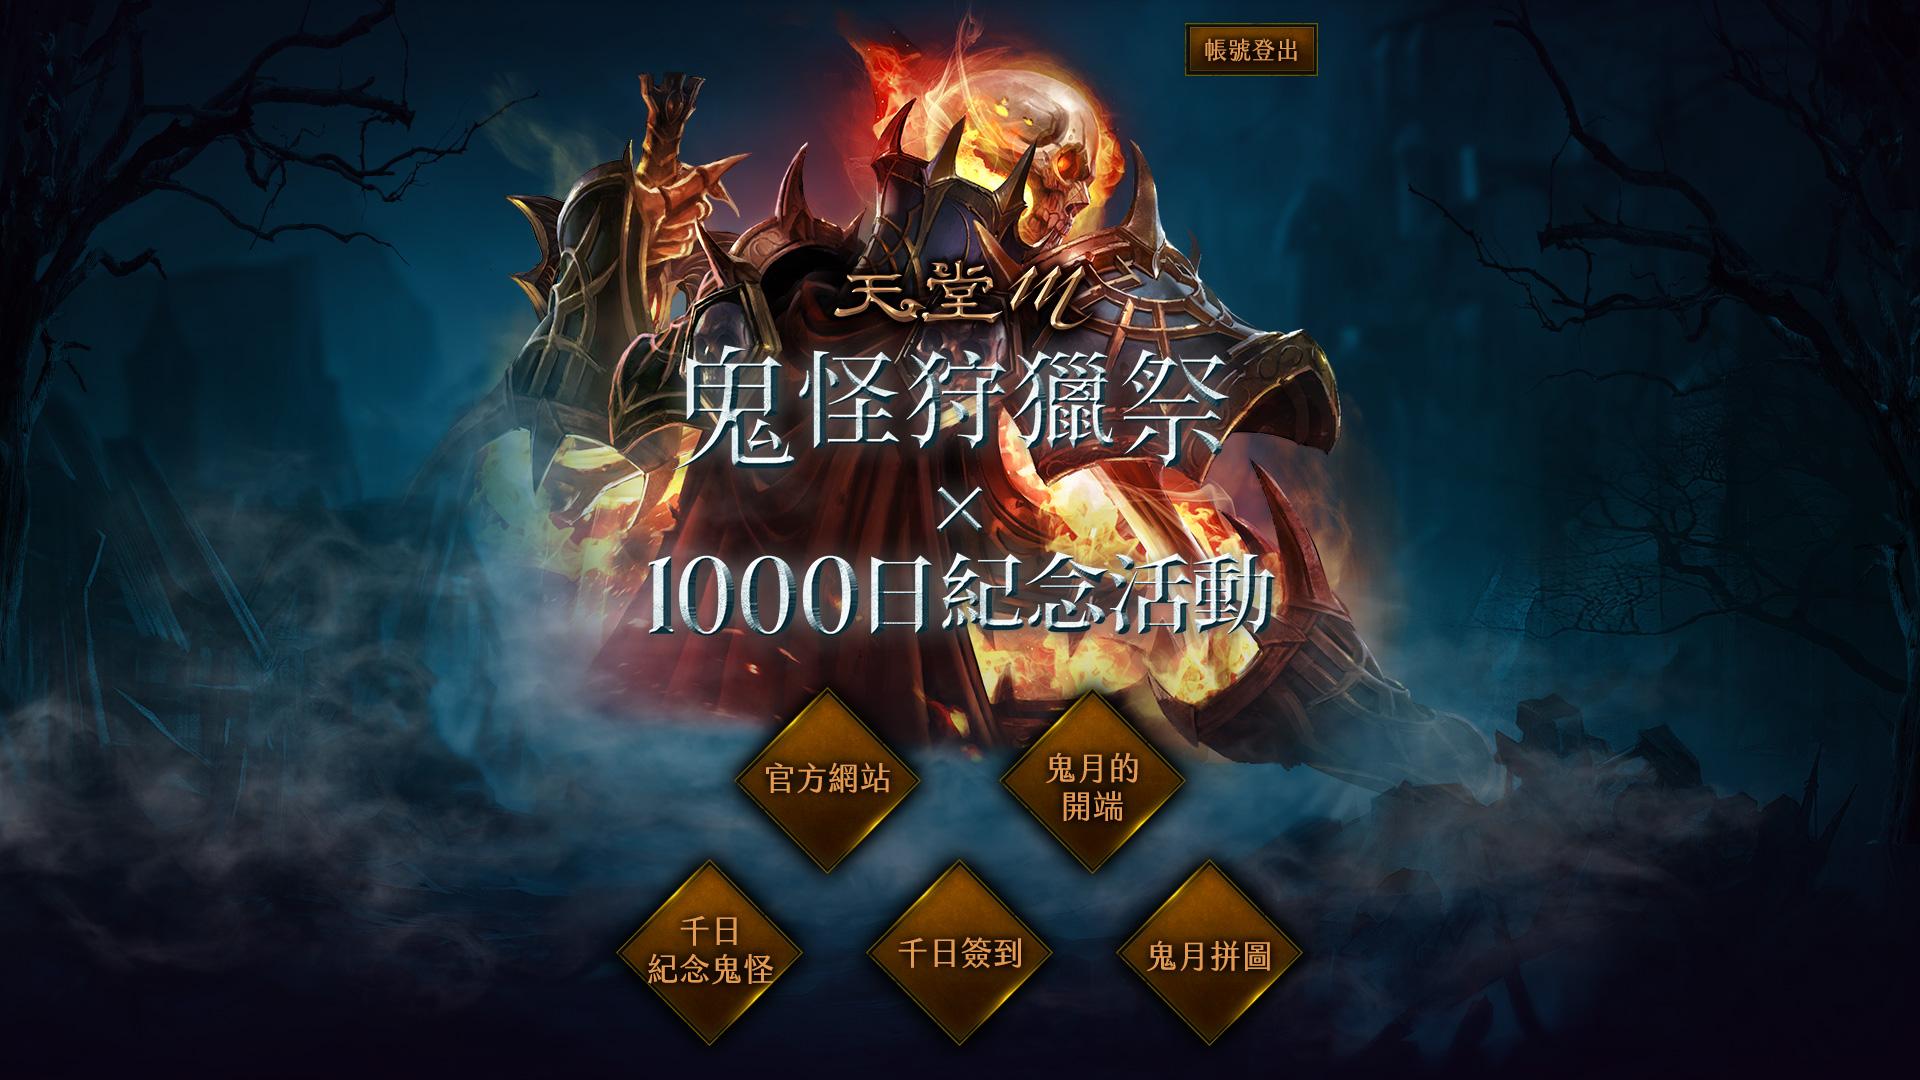 《天堂M》鬼怪狩獵祭x1000日紀念網頁活動將於8月26日開跑